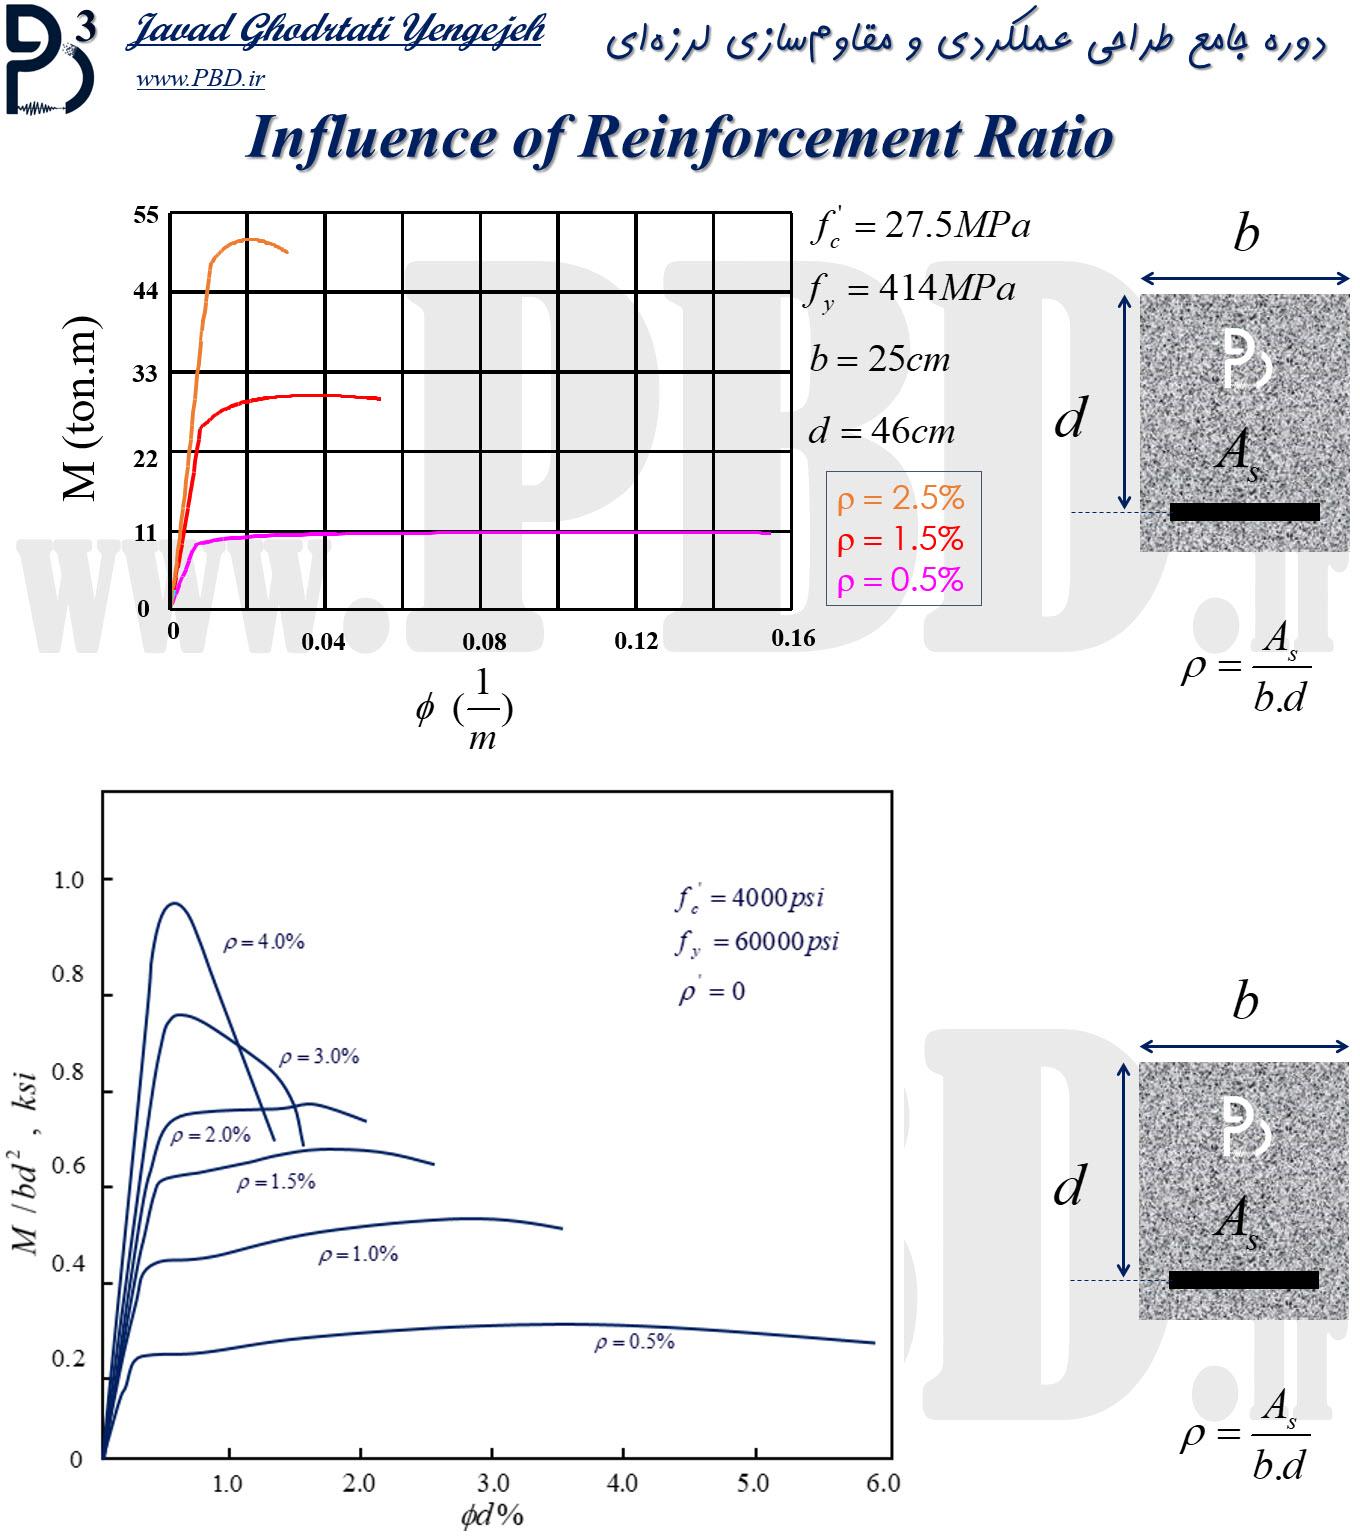 اثرات آرماتورهای طولی در منحنی ظرفیت خمشی تیرهای بتنآرمه (رفتار غیرخطی تیرهای بتنی)